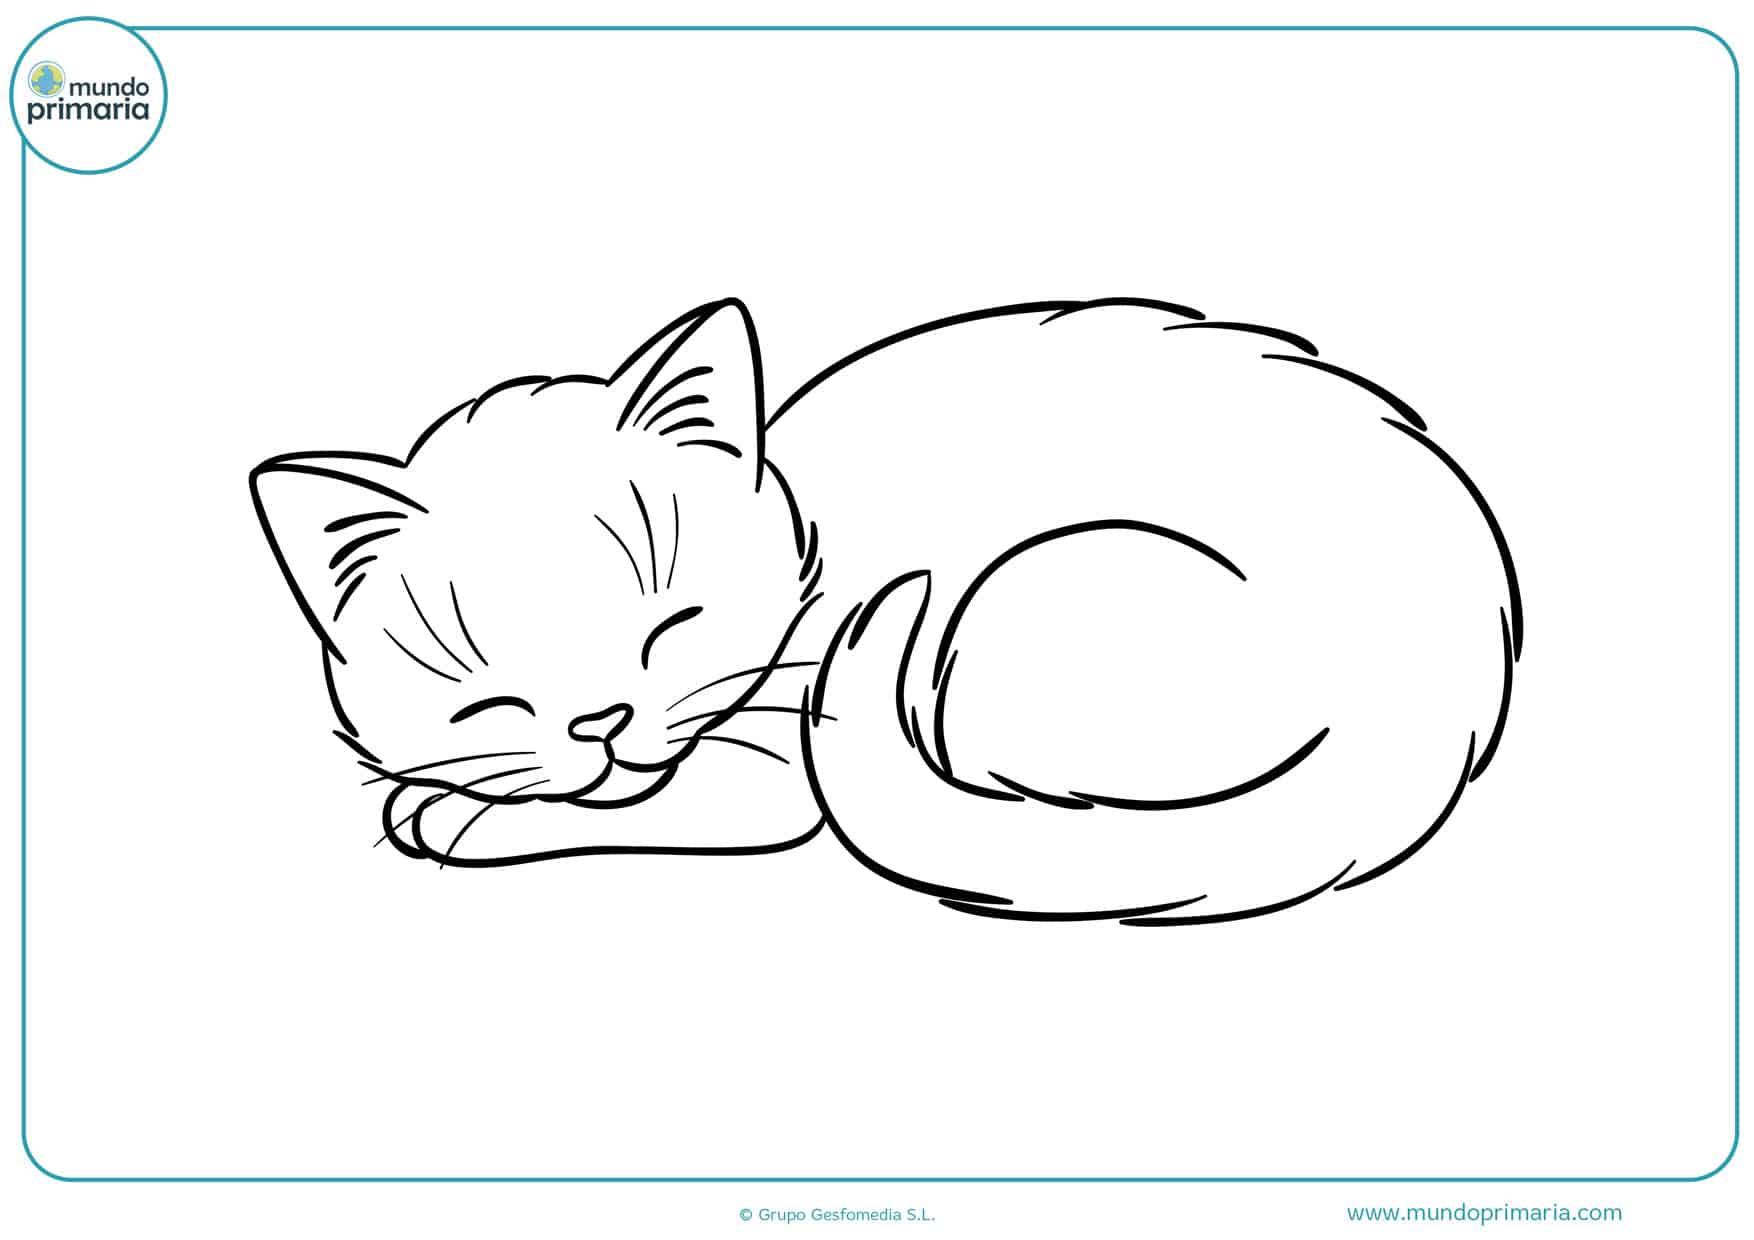 imágenes de gatos infantiles para colorear